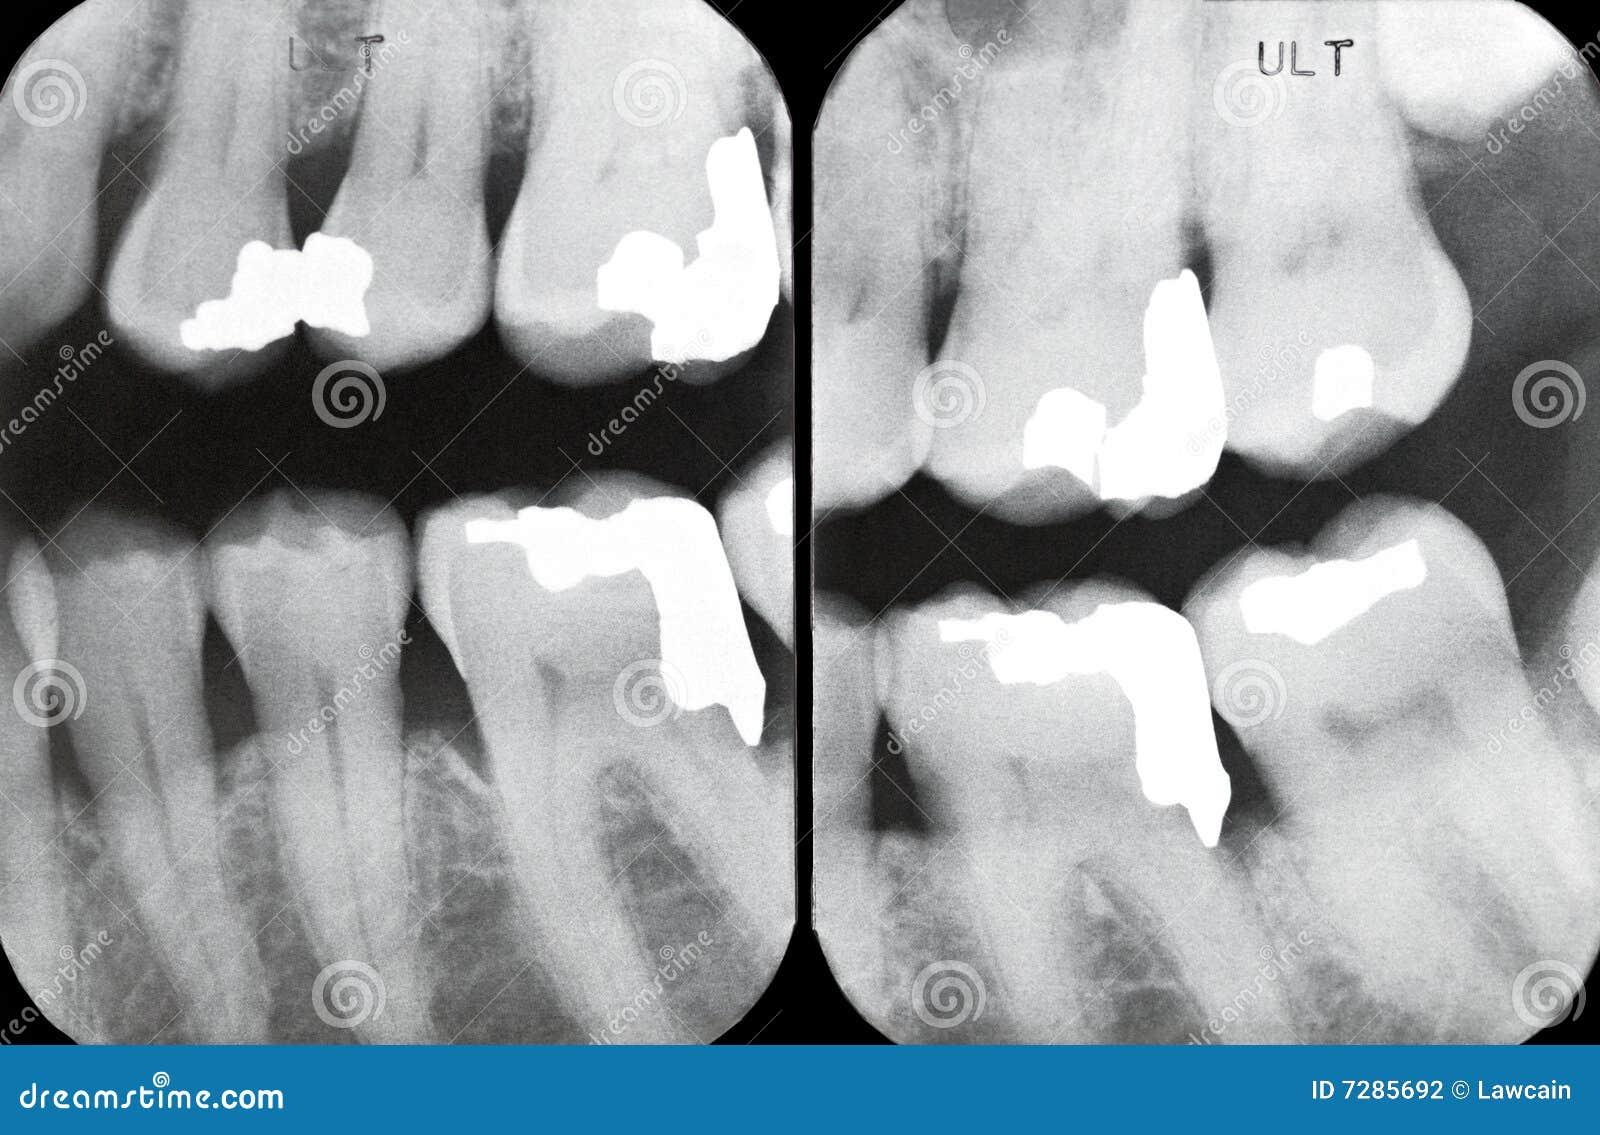 Radiografías periodontales correctas